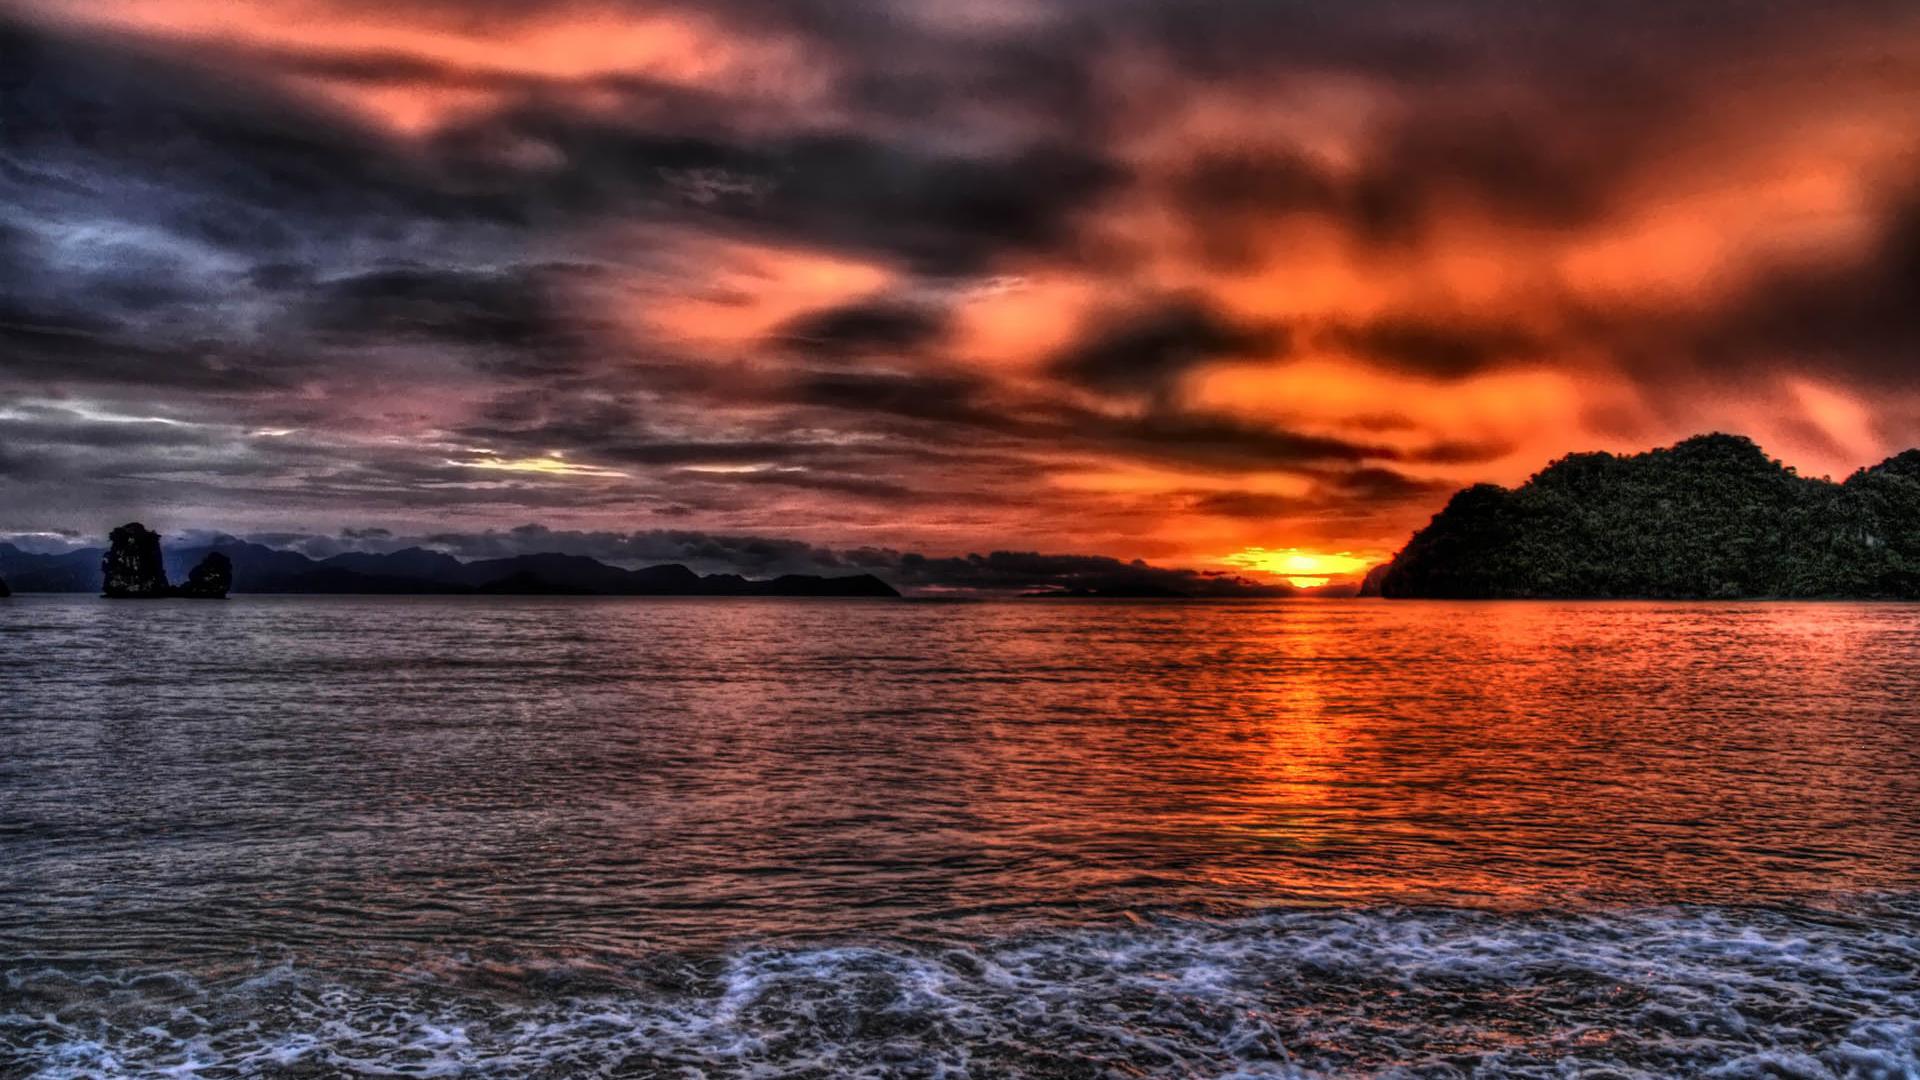 Sunset Beach Wallpaper HD   bsrlorg 1920x1080